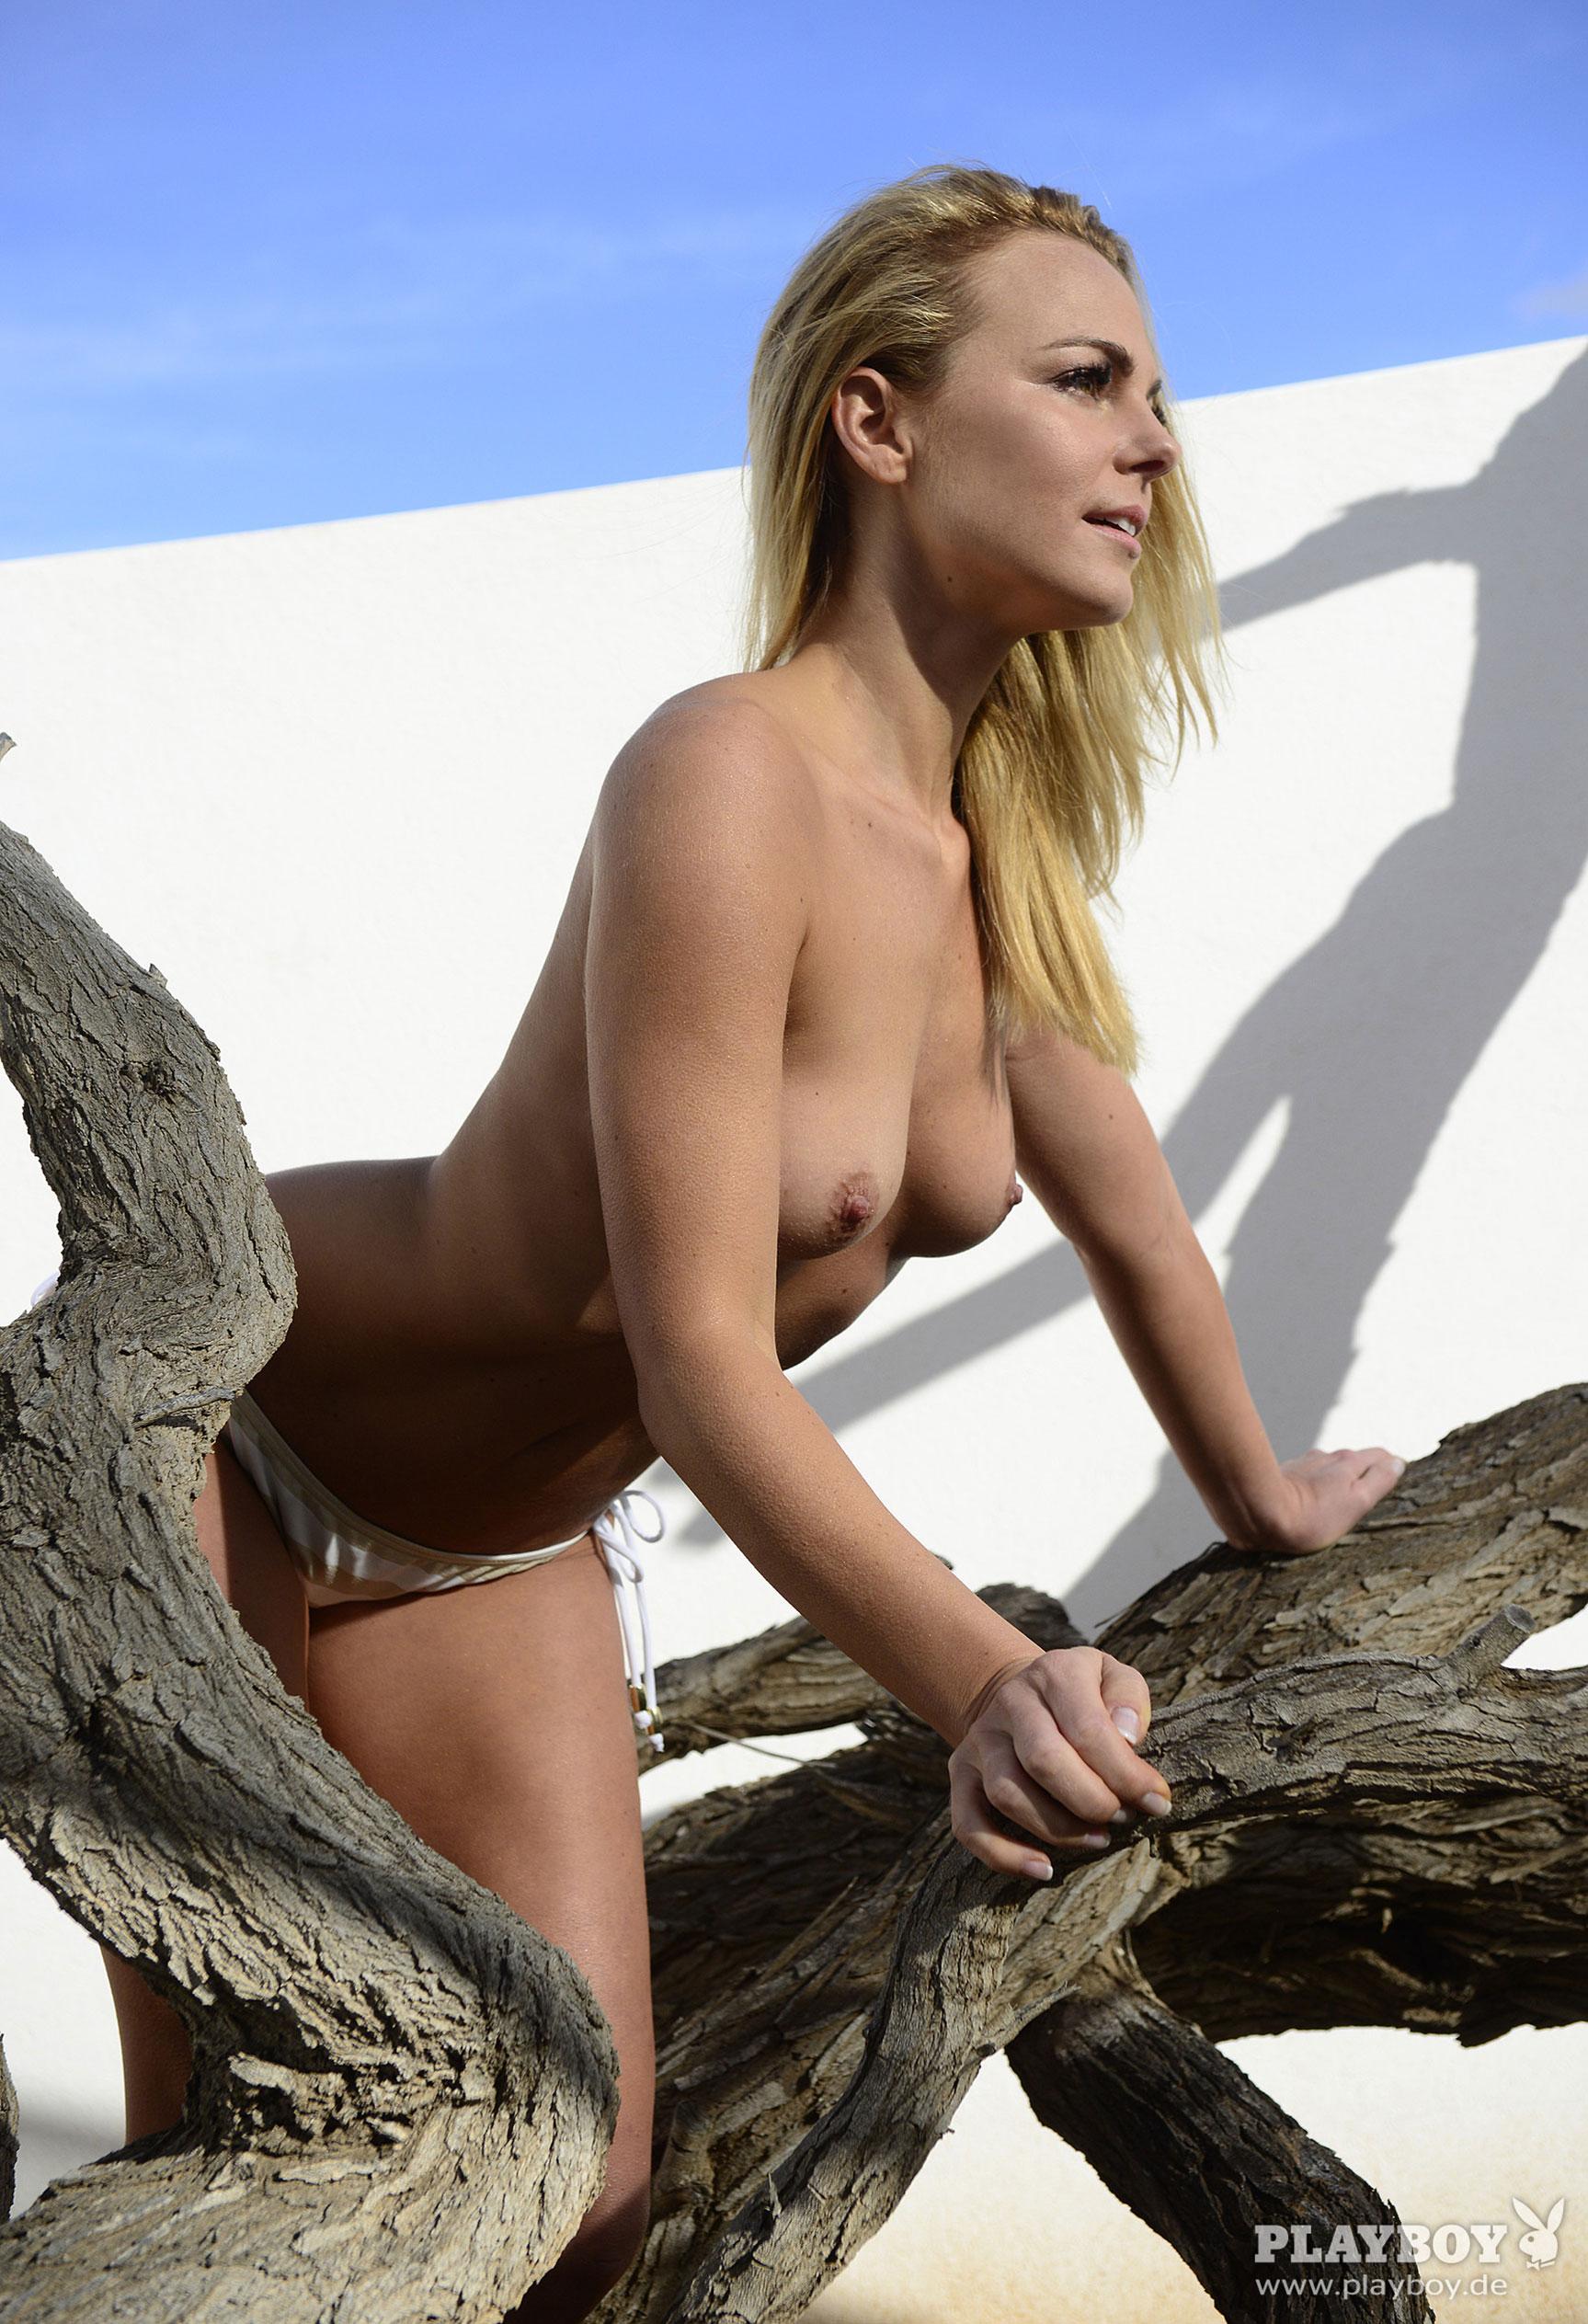 фитнес-модель и тренер, телезвезда Марейке Спалек в журнале Playboy Германия, апрель 2018 / фото 21